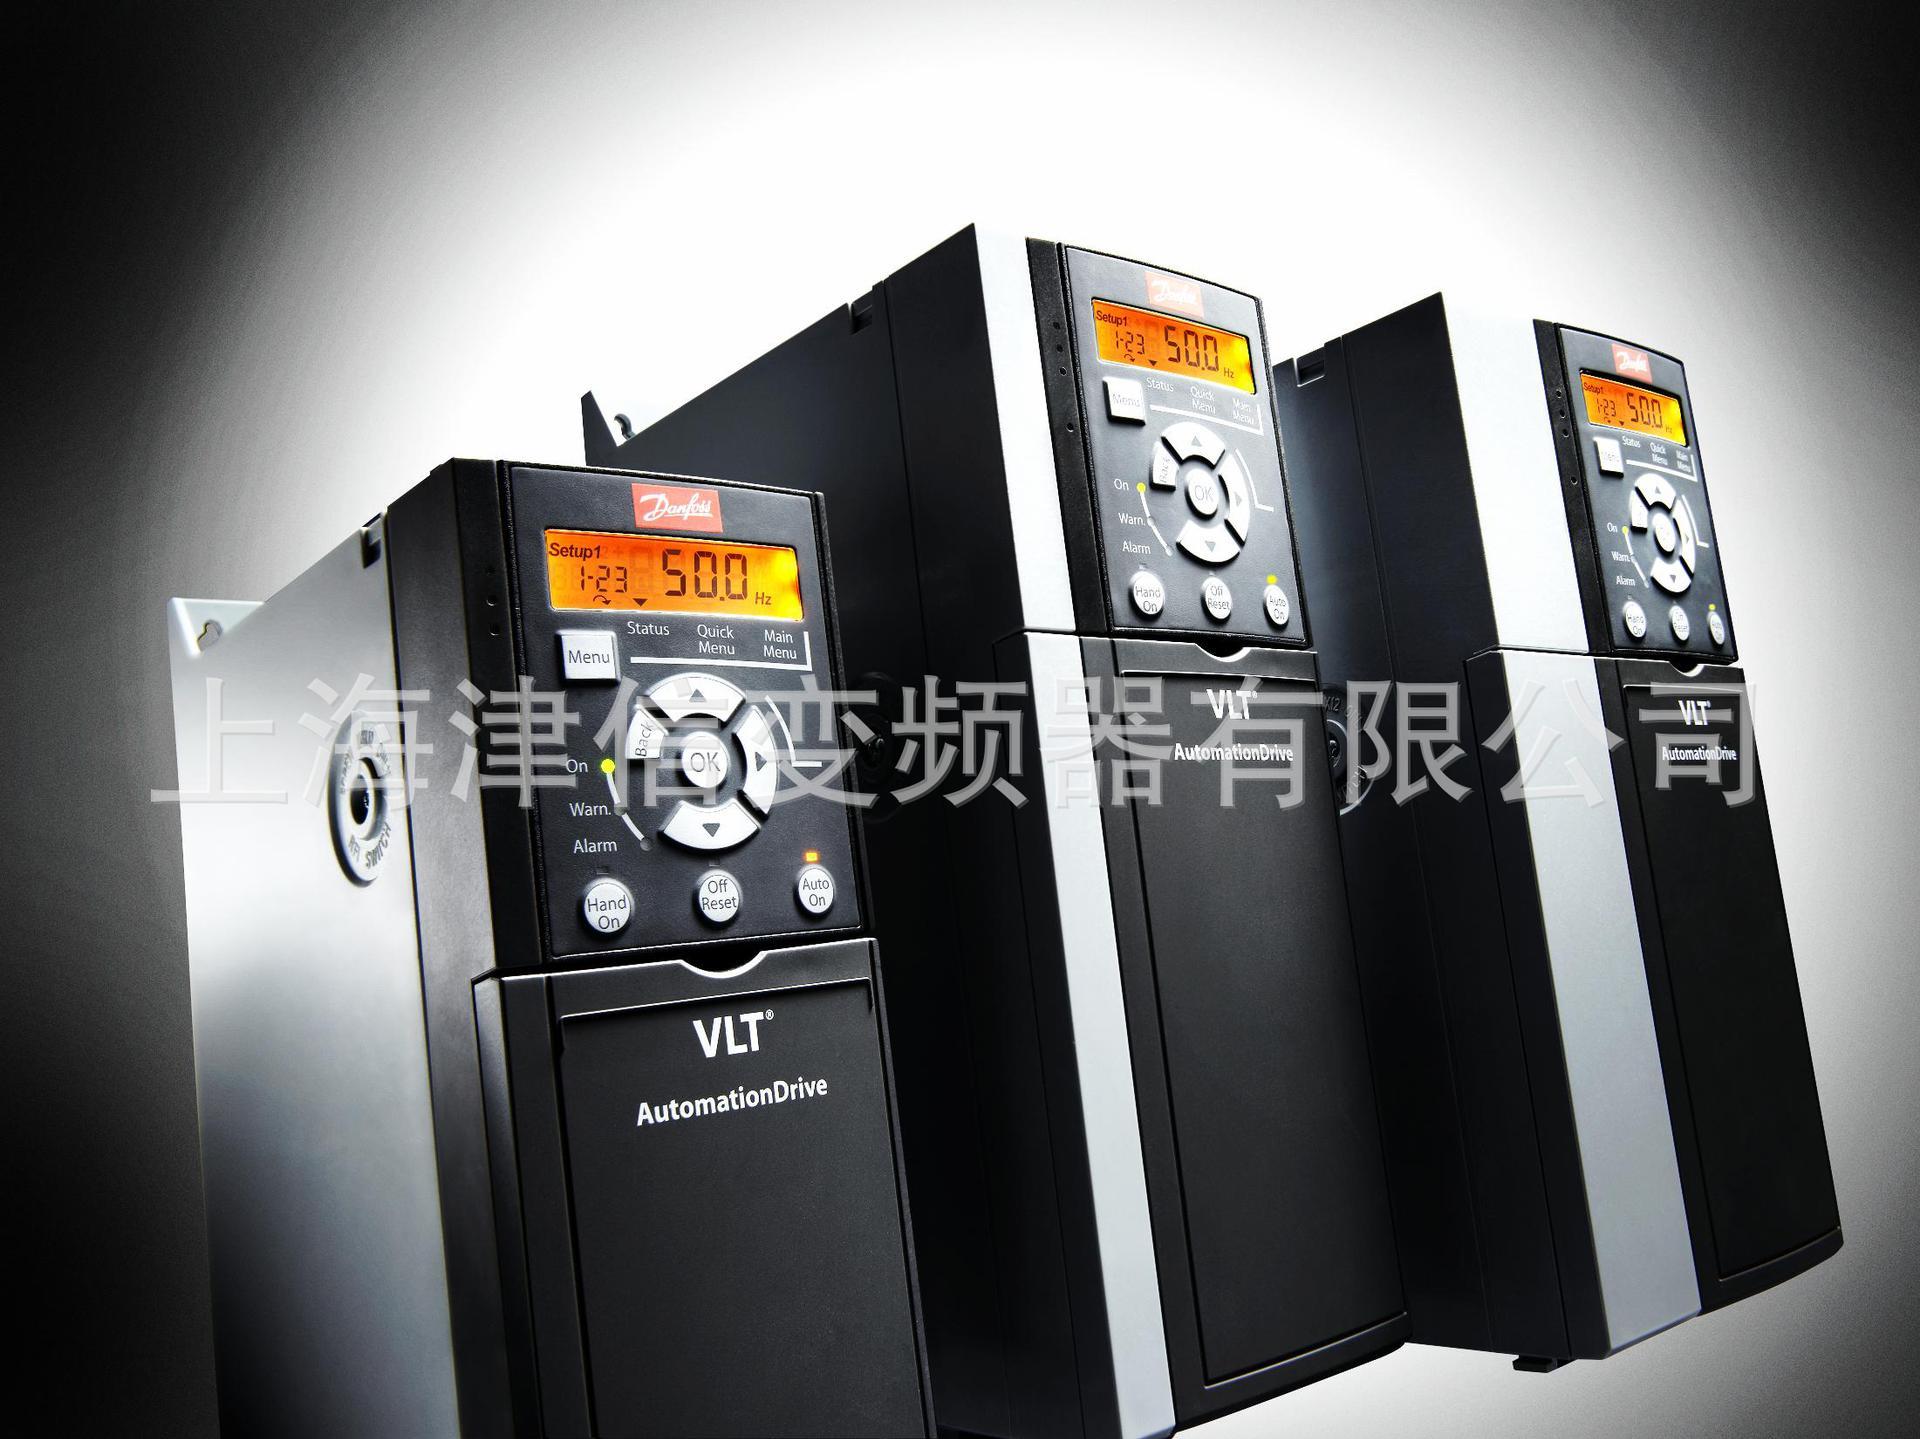 丹佛斯变频器VLT FC360系列是一款多用途变频器。可为各种工业应用提供精确、有效的电机控制。内置功能有助于用户节省安装空间、设置时间以及日常维护的精力。因此,它是一个功能强大的多样化解决方案,可提高生产效率和成本效益。  电源、功率、输出频率、输出转矩范围: 0.37 - 75 kW(380 - 480 VAC) 提供0和500 Hz之间的可变输出频率 功能特性: 紧凑的外型,适合并排水平/垂直安装,绝无降容问题,IP20(NEMA1),IP21或IP55(可选) 高效独特的热量管理,确保没有强制空气